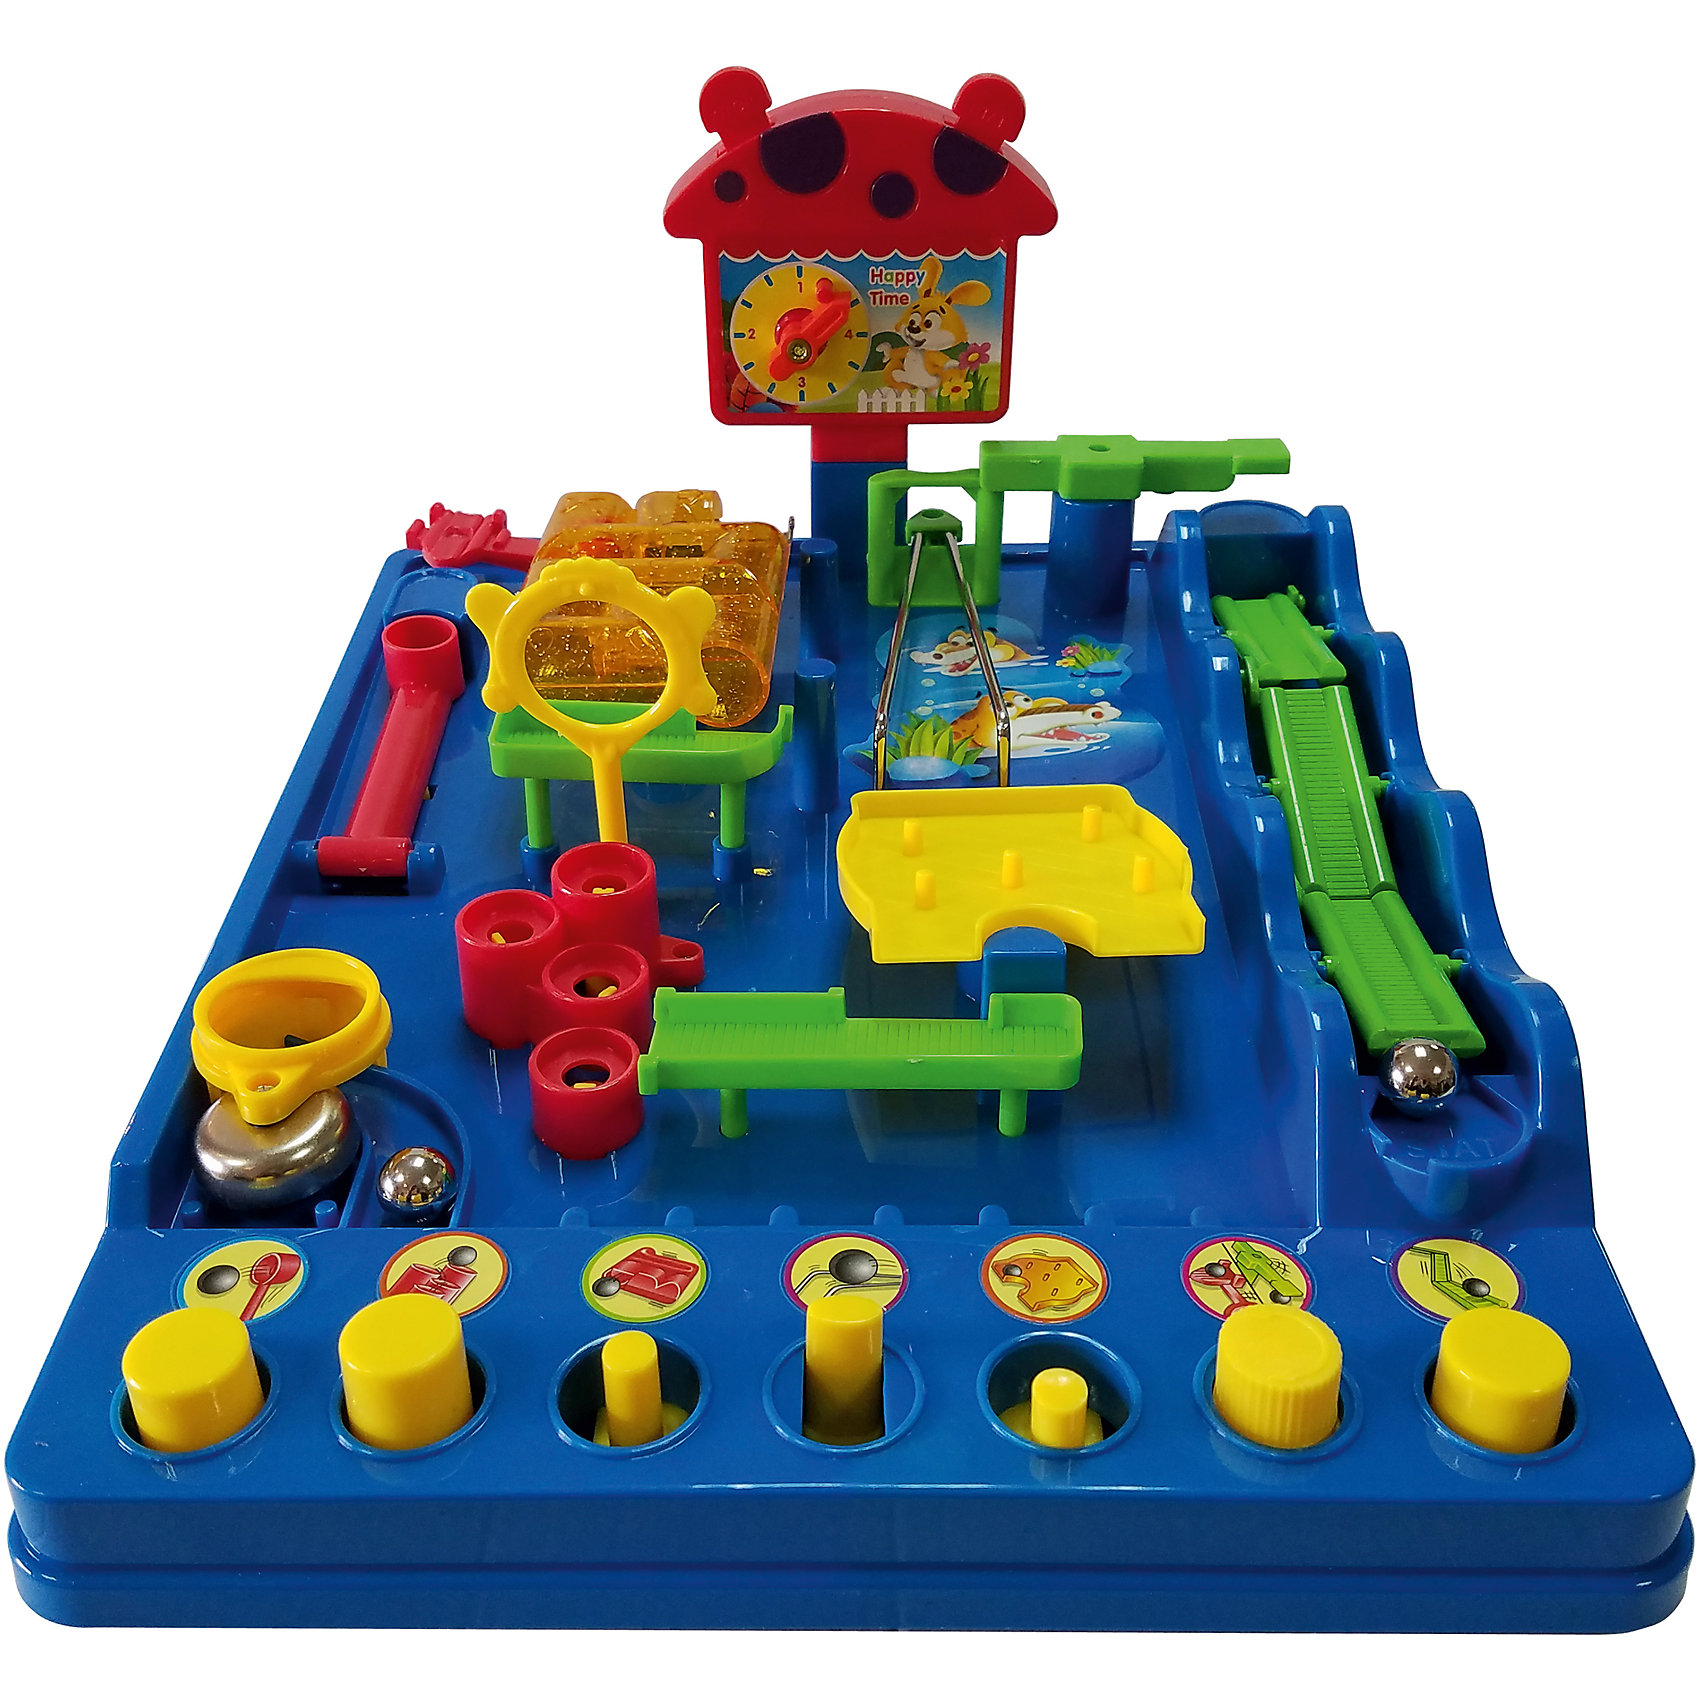 Игра Приключения шарика, Icoy ToysНастольные игры для всей семьи<br><br><br>Ширина мм: 270<br>Глубина мм: 340<br>Высота мм: 100<br>Вес г: 1017<br>Возраст от месяцев: 36<br>Возраст до месяцев: 168<br>Пол: Унисекс<br>Возраст: Детский<br>SKU: 6883974